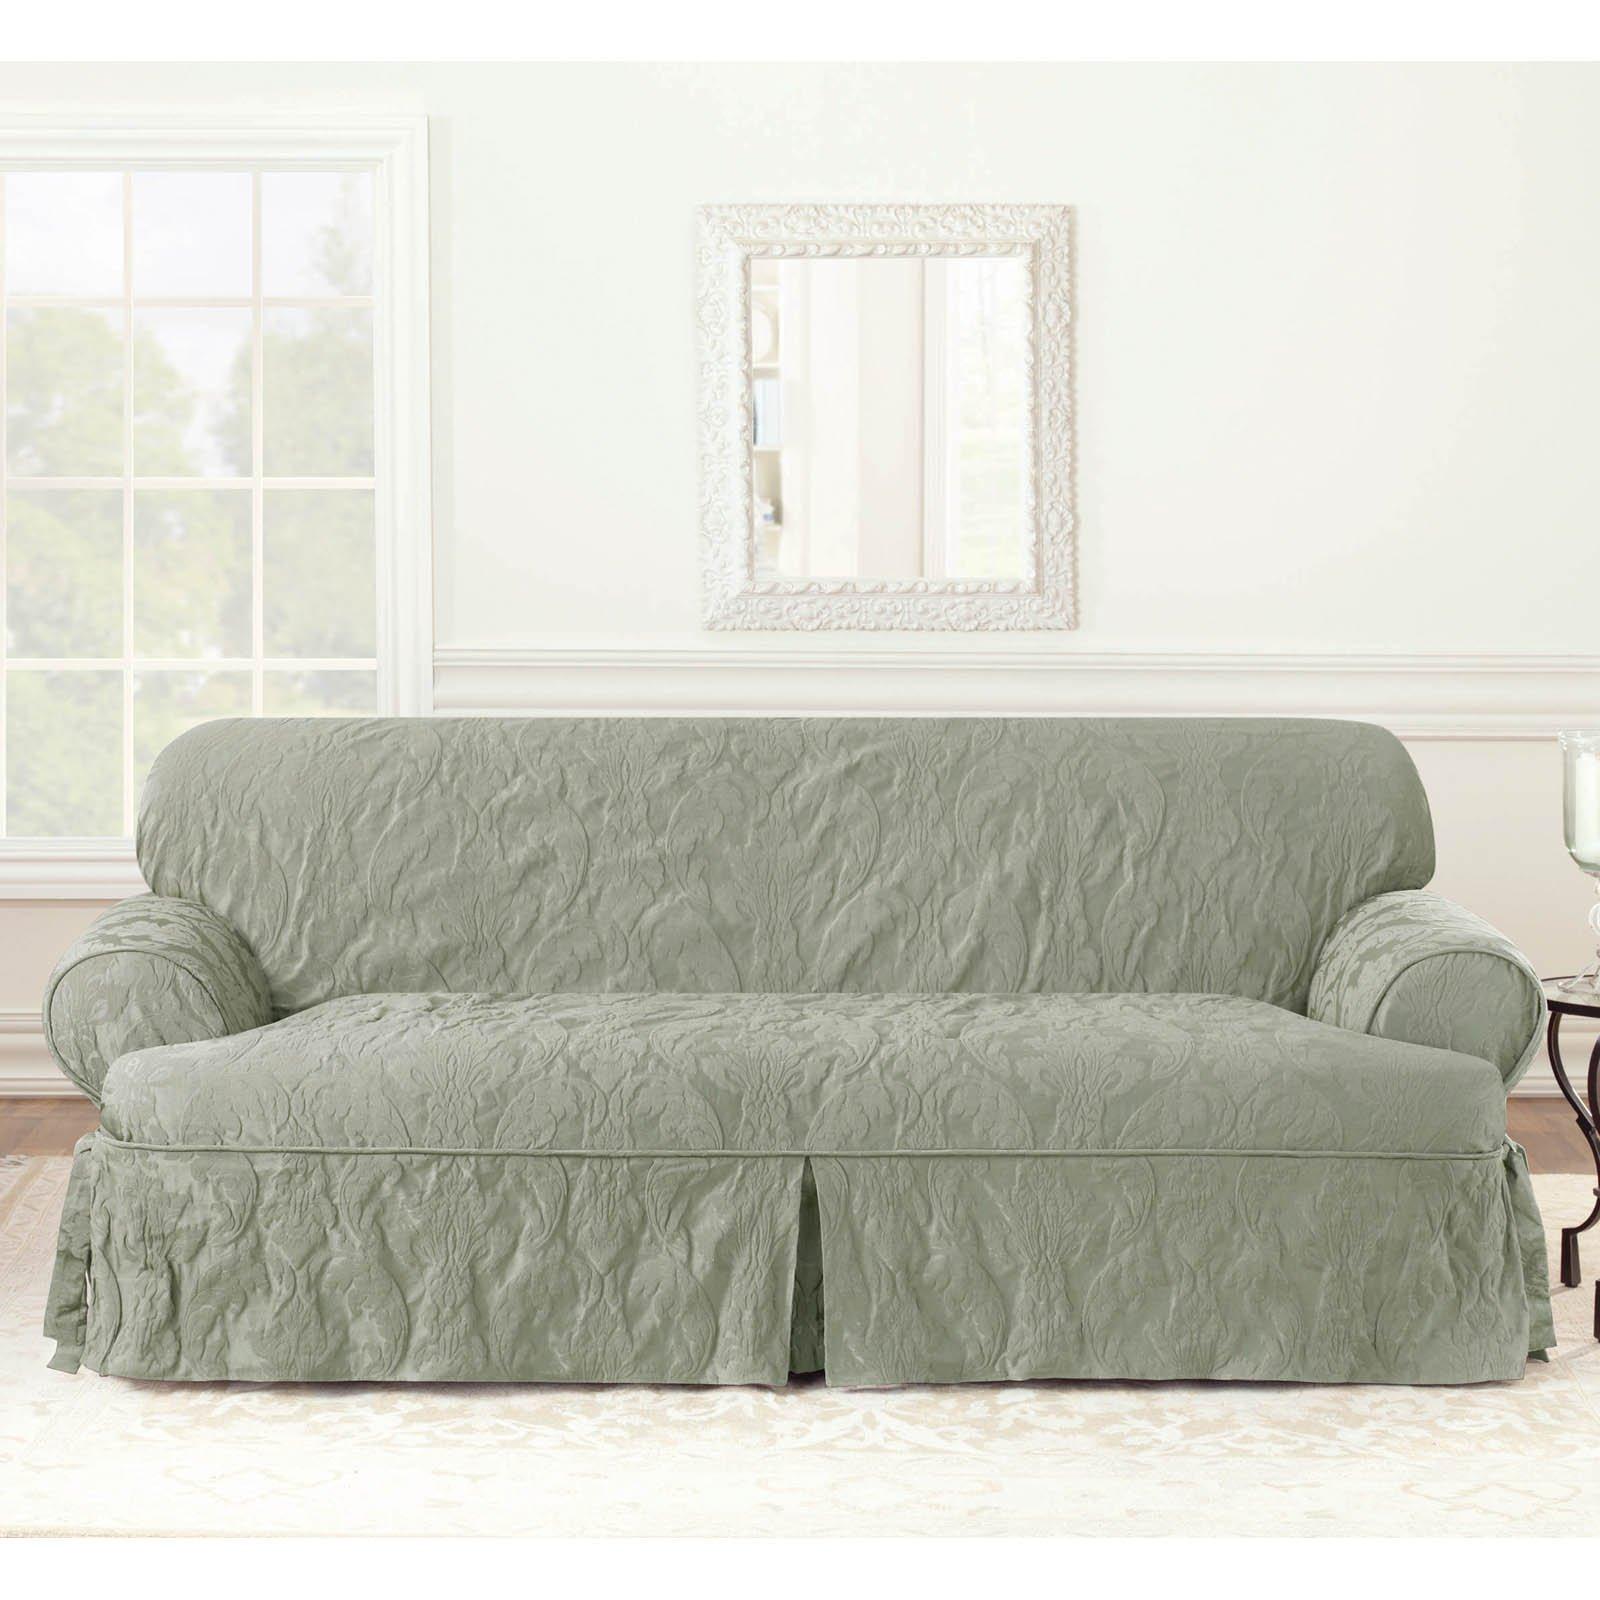 Sure Fit Matelasse Damask 1 Piece T Cushion Kick Pleat Sofa